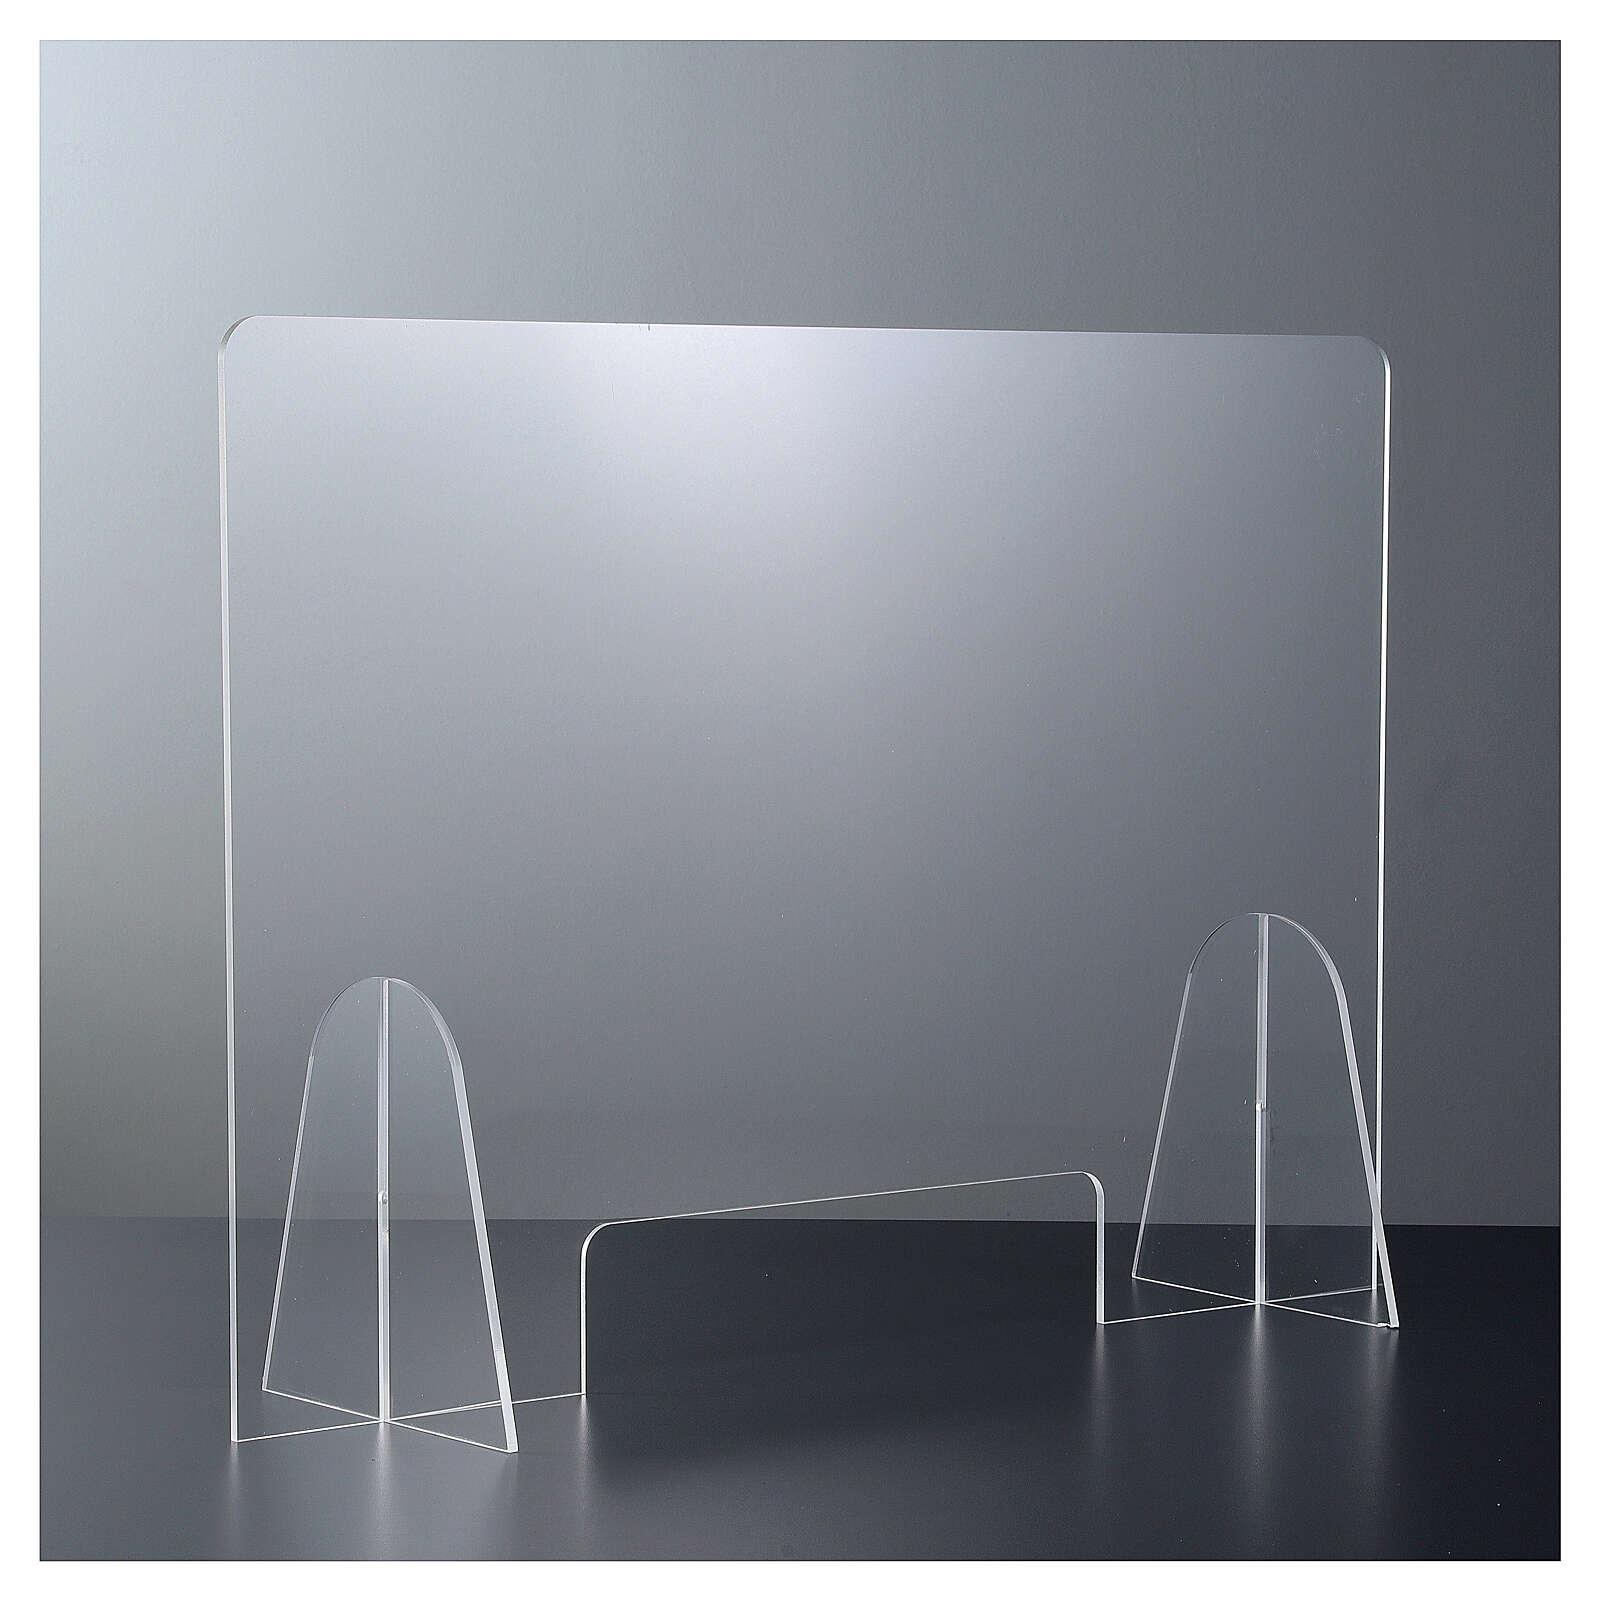 Plexiglas-Schutzwand 90x150 cm mit Serviceöffnung 20x40 cm 3